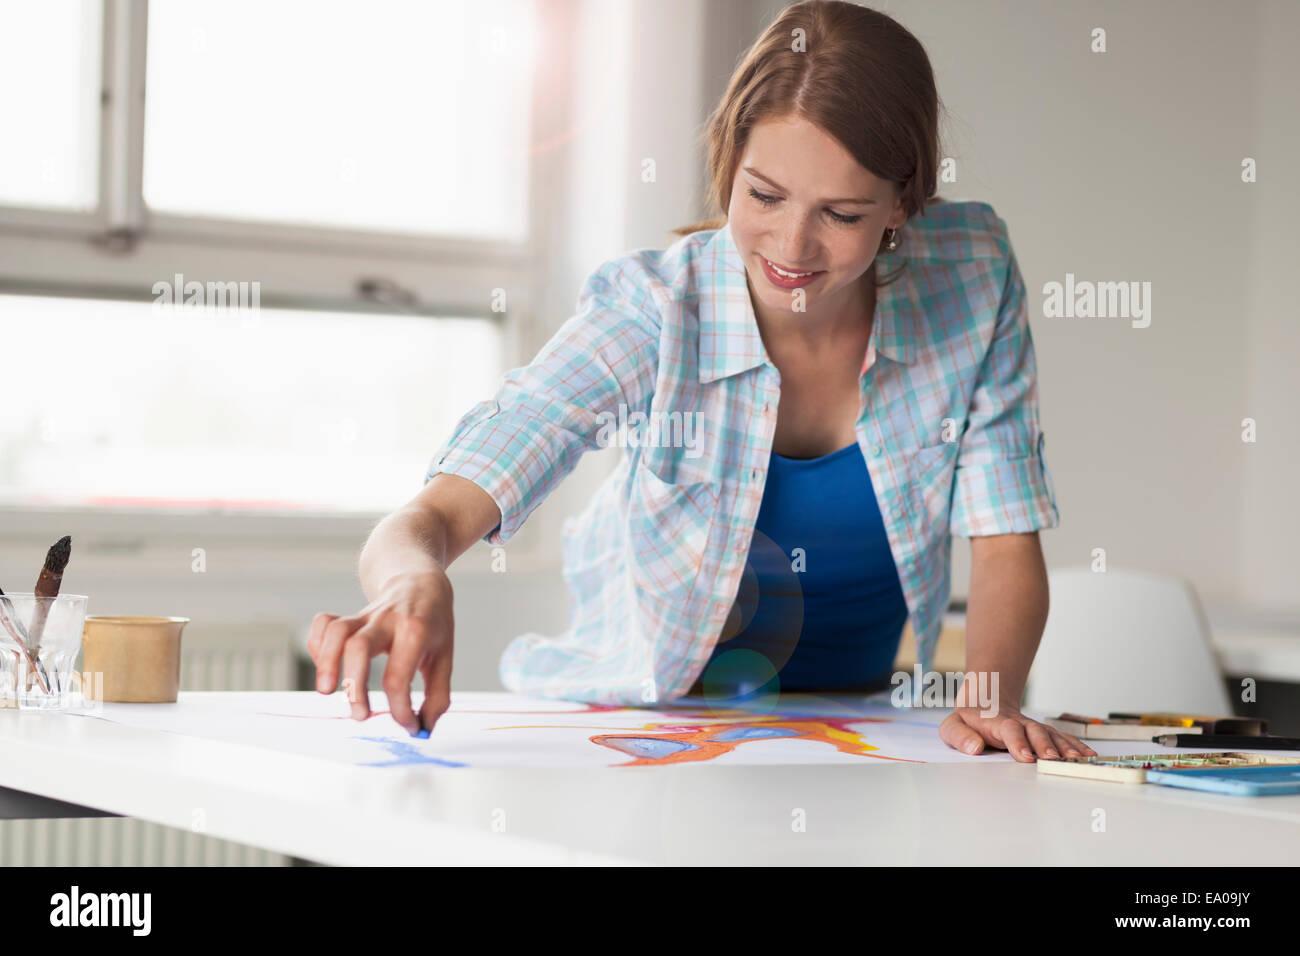 Dibujo del artista femenina Imagen De Stock